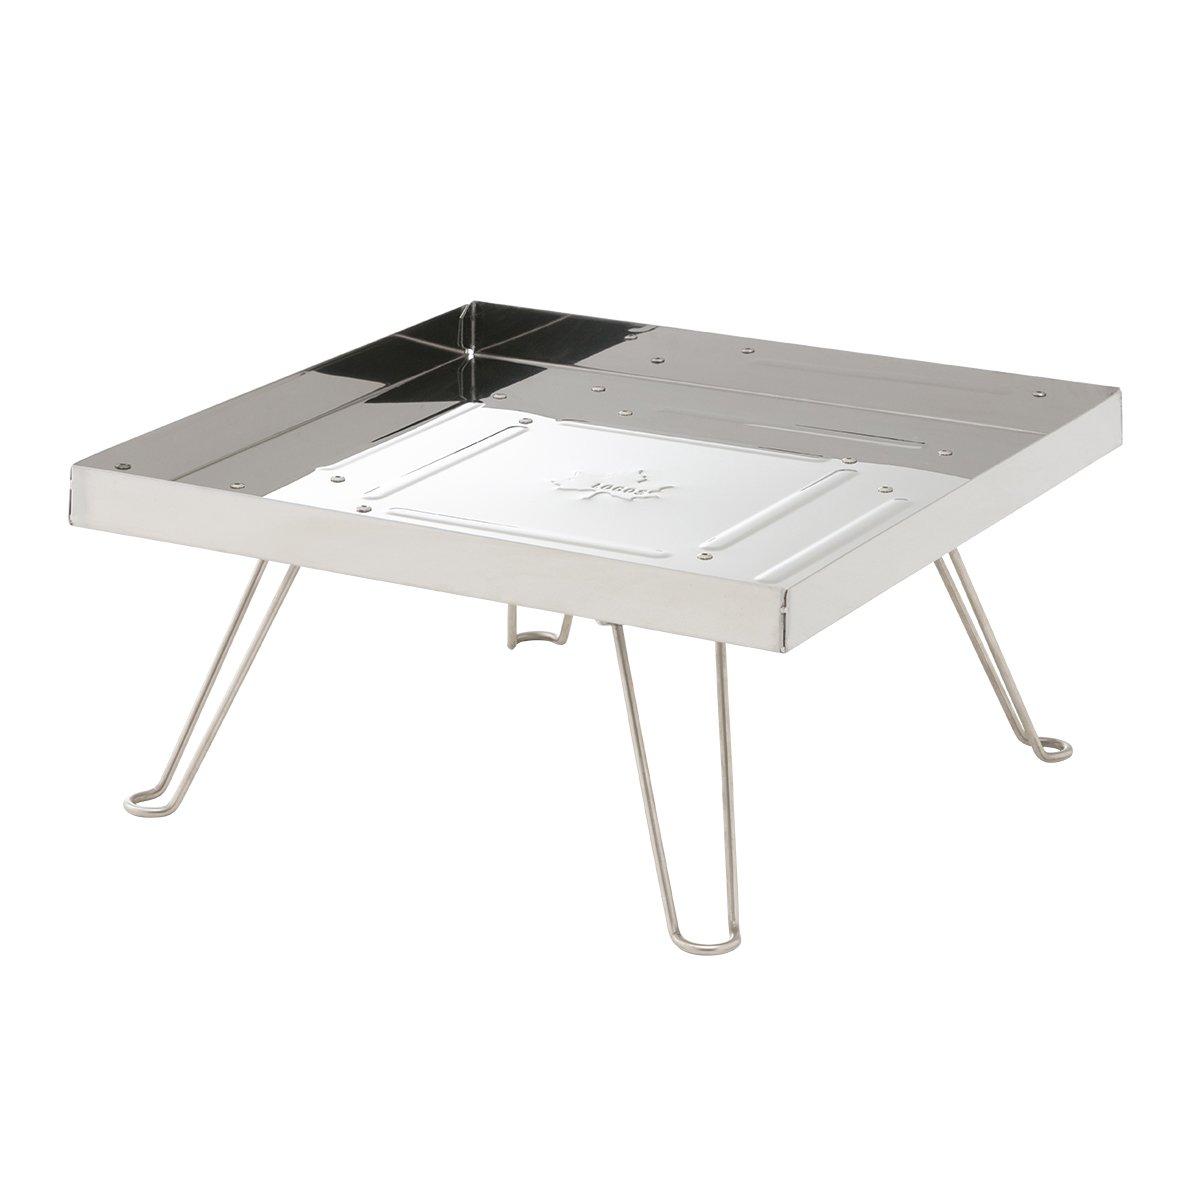 ロゴス アウトドア バーベキューテーブル 「ダッチオーブンが使える」 直火ステンテーブル 81064110 B01NCXG6TF